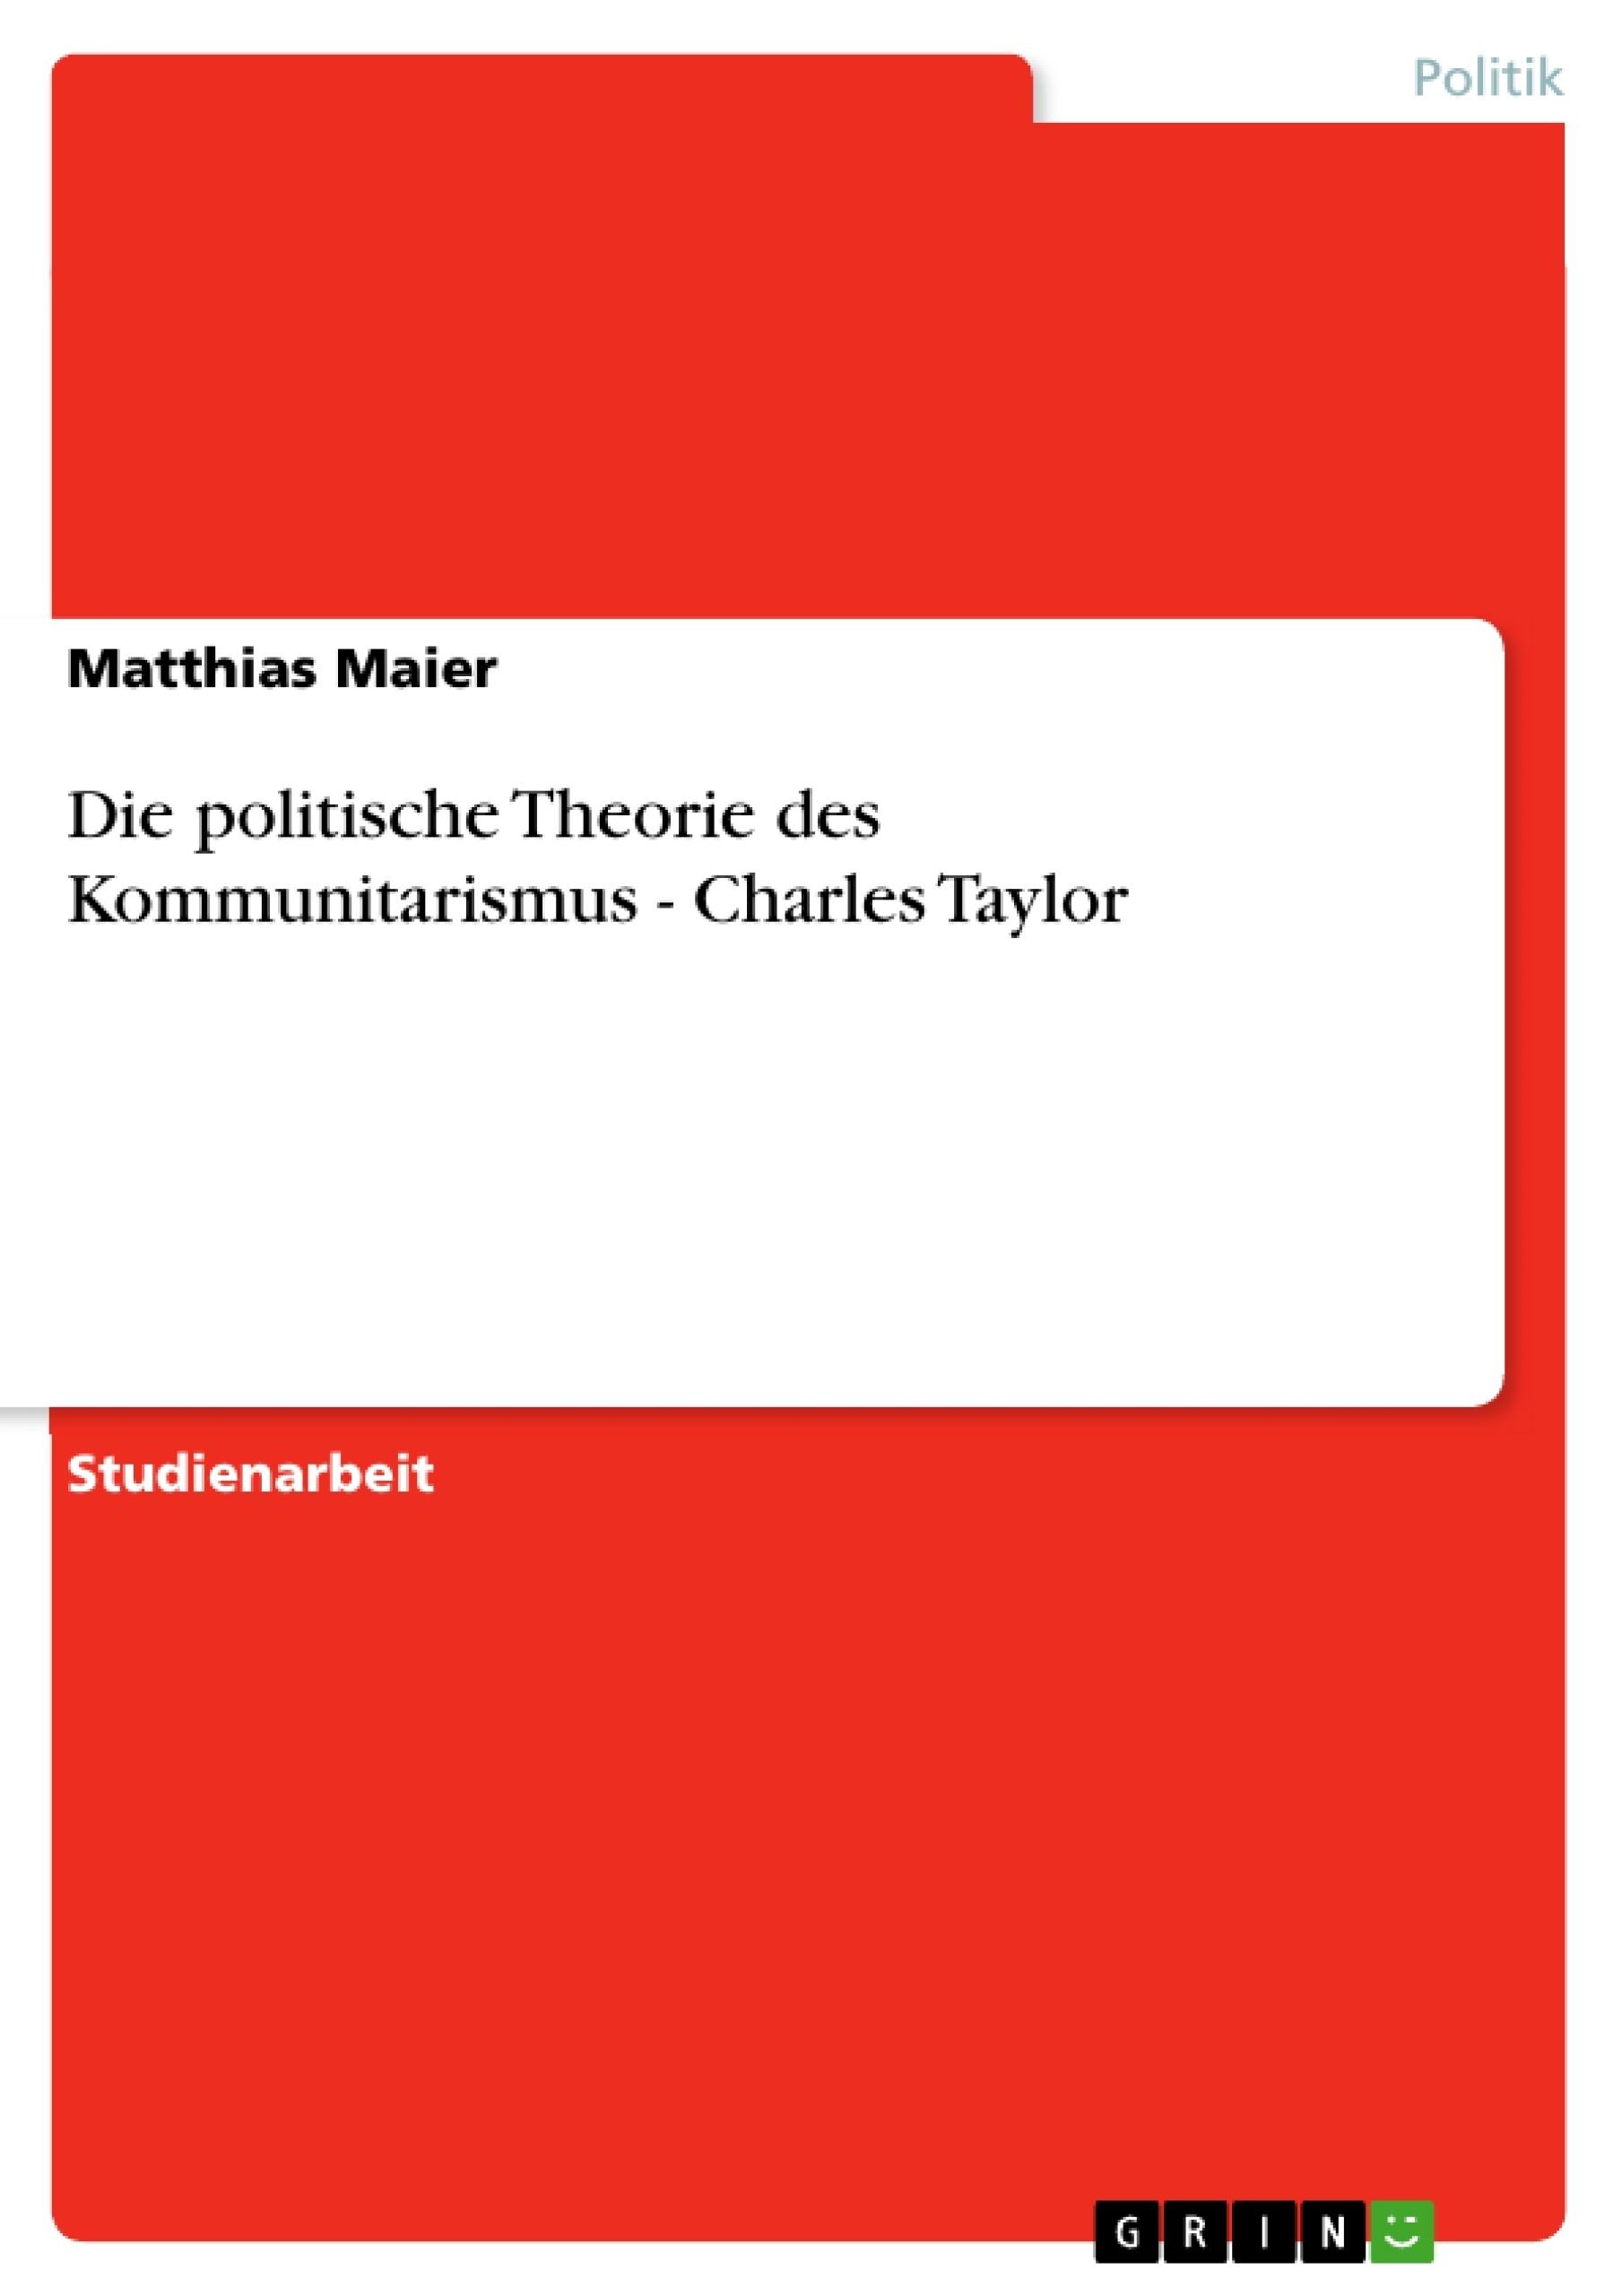 Titel: Die politische Theorie des Kommunitarismus - Charles Taylor